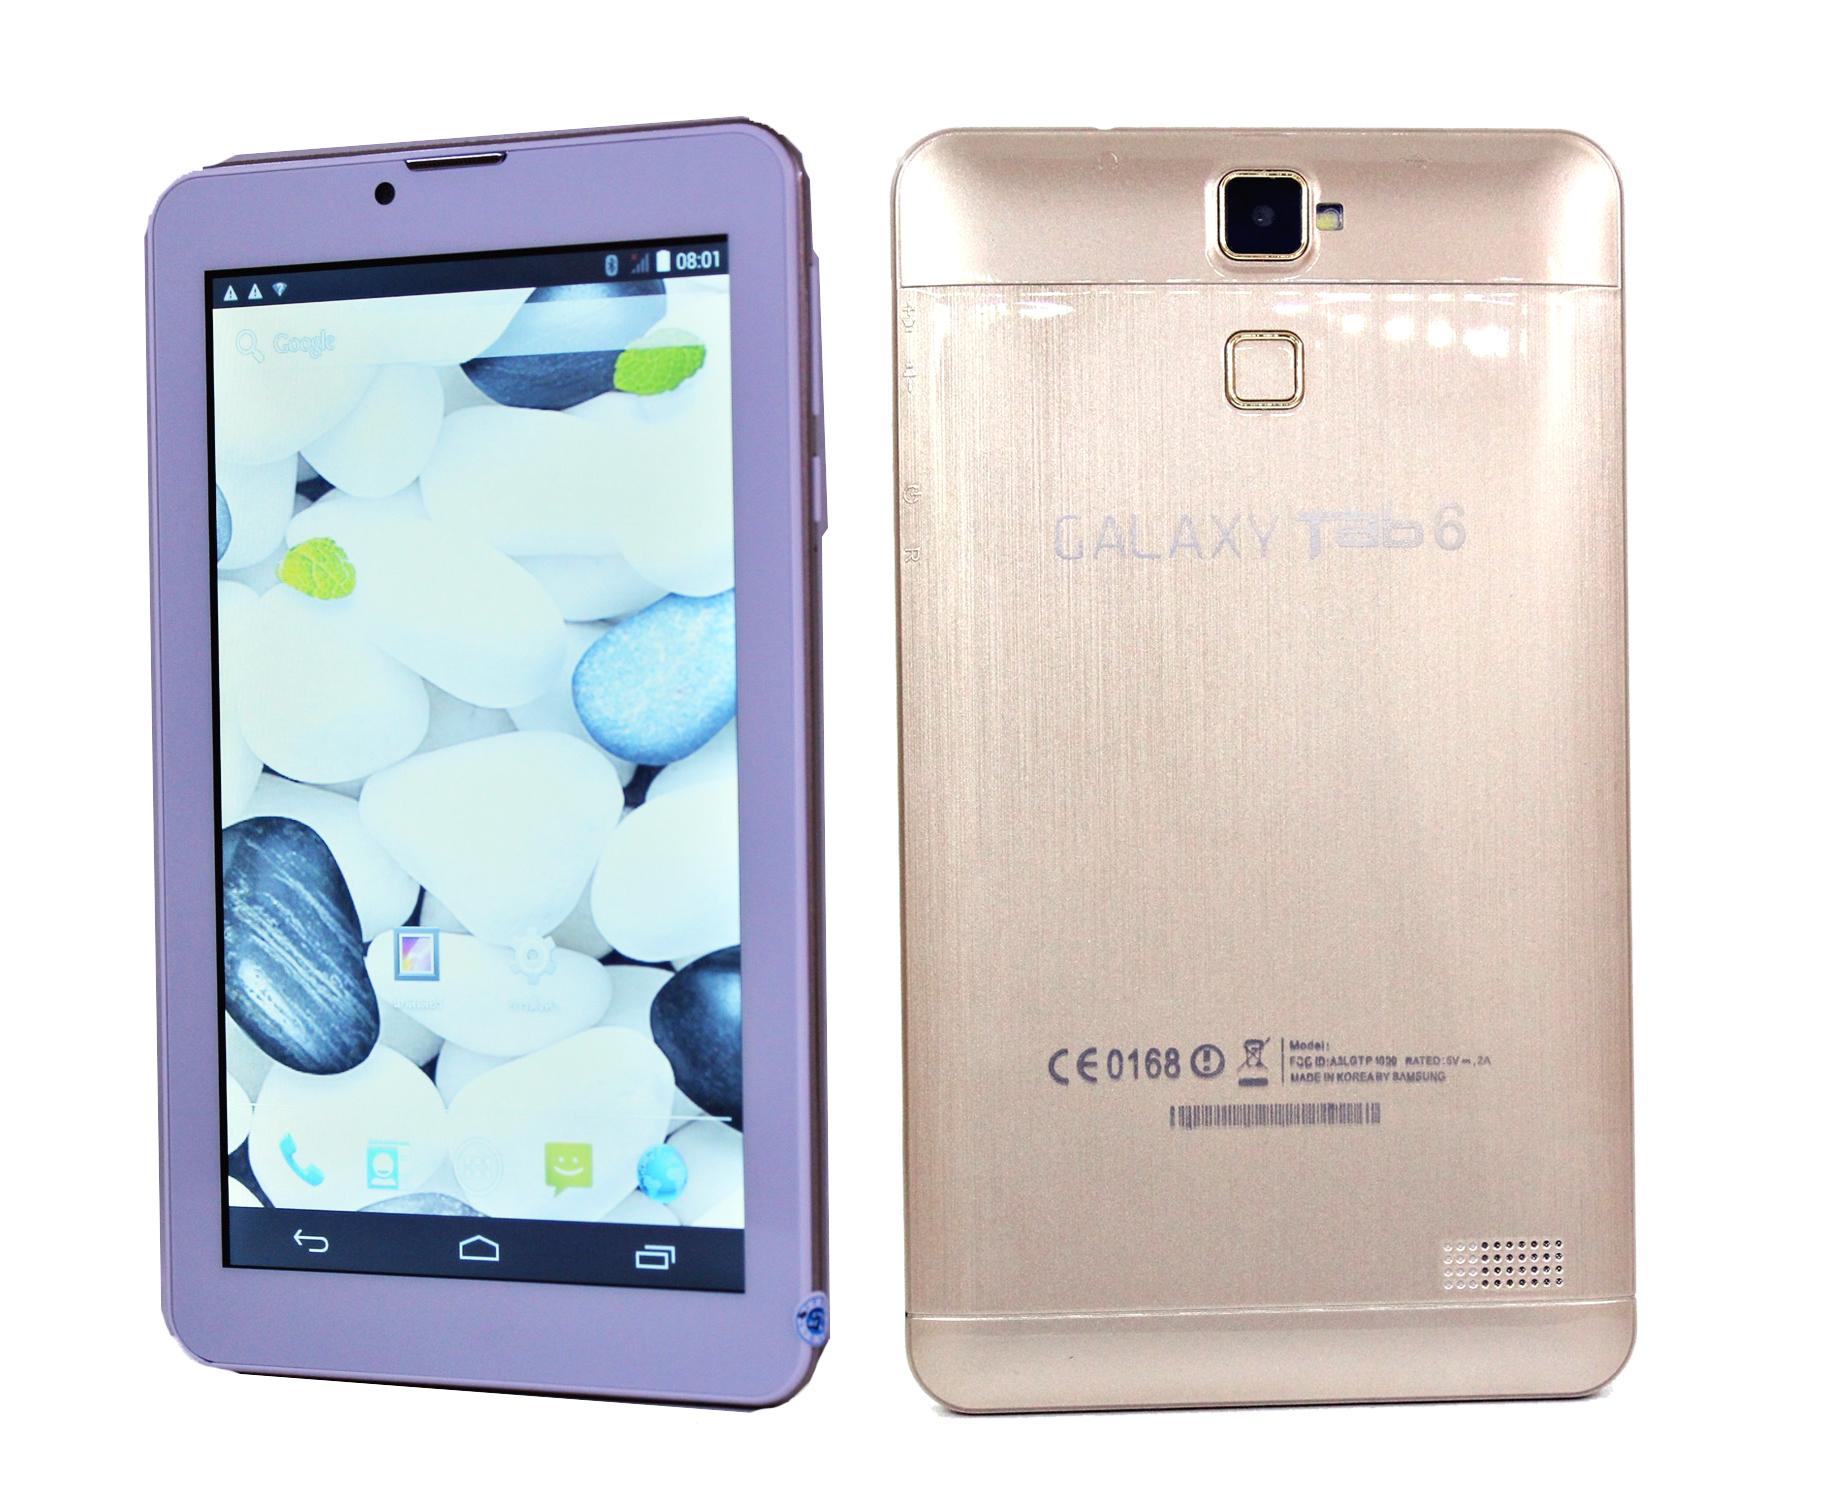 แท็บเล็ต 7 นิ้วใส่ 2 ซิมโทรได้ ระบบ 3G CPU MTK6577 Dual Core 1.0 Ghz 2 กล้อง